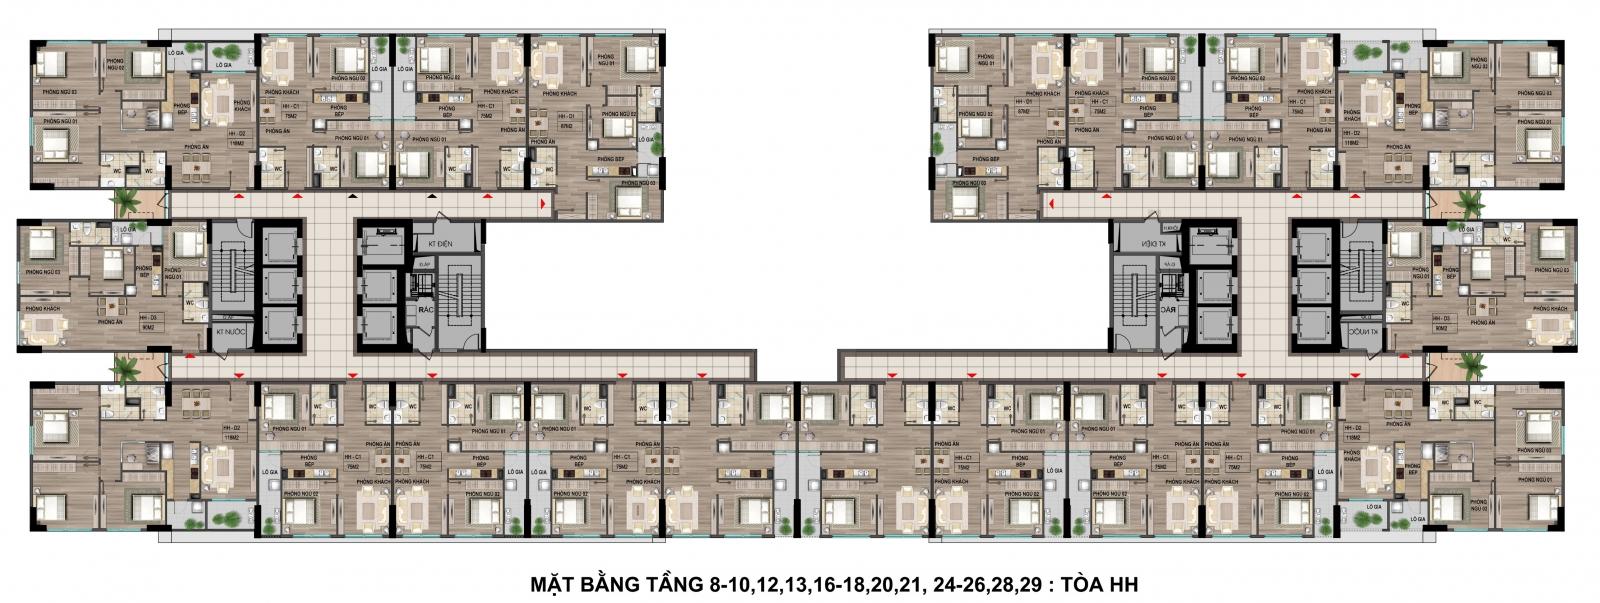 Mặt bằng tầng 8-10-12 tòa thương mại khu nhà ở xã hội Cổ nhuế